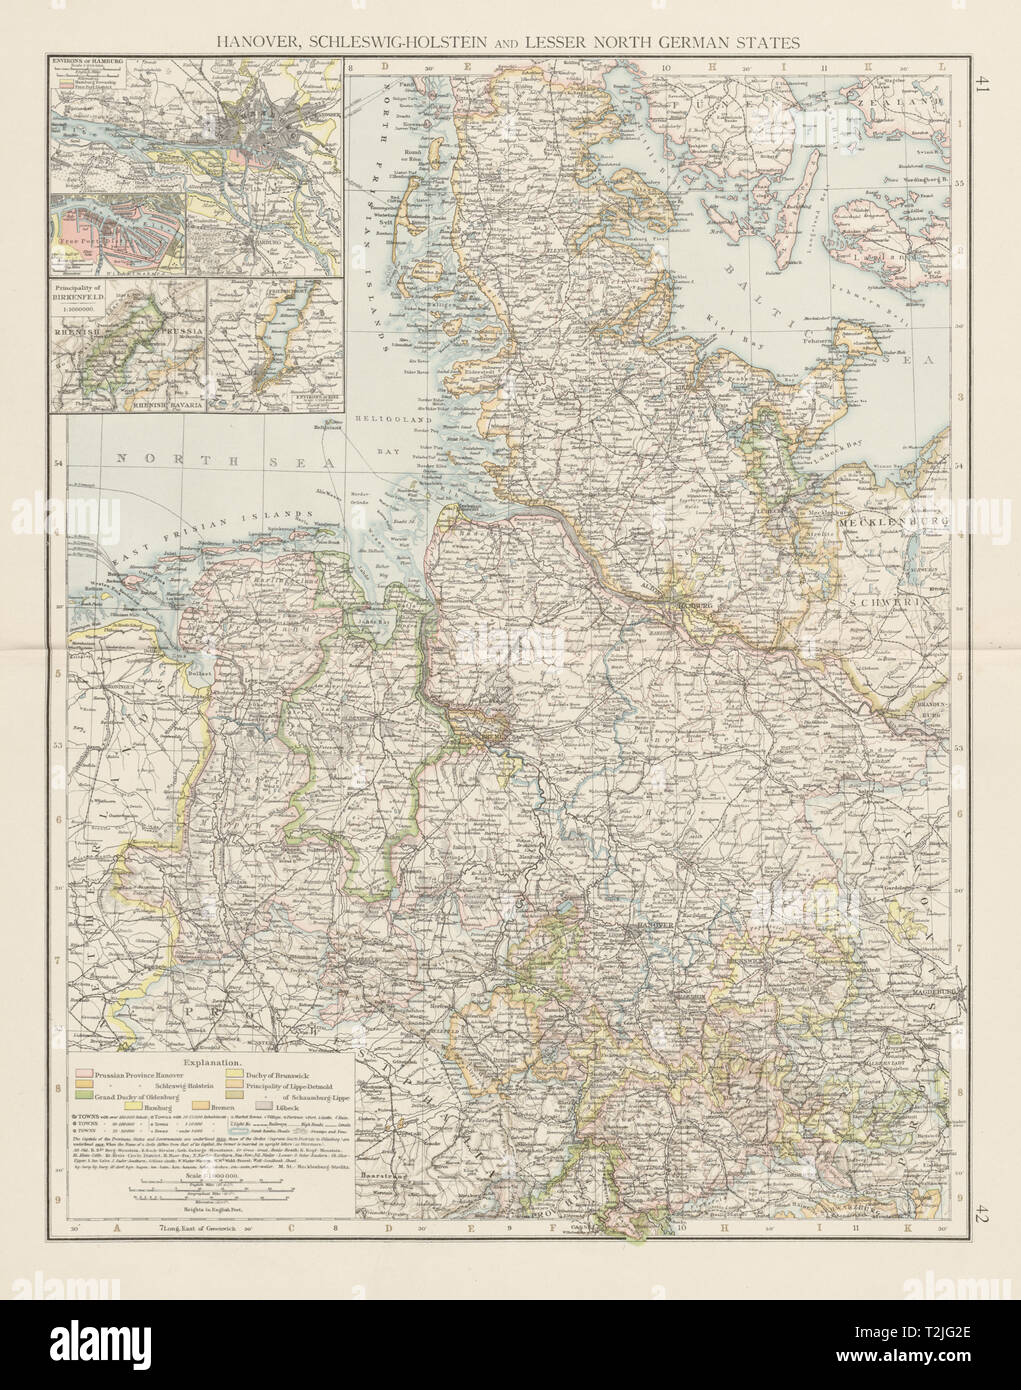 Norddeutschland Karte.In Norddeutschland Ist Schleswig Holstein Hamburg Niedersachsen